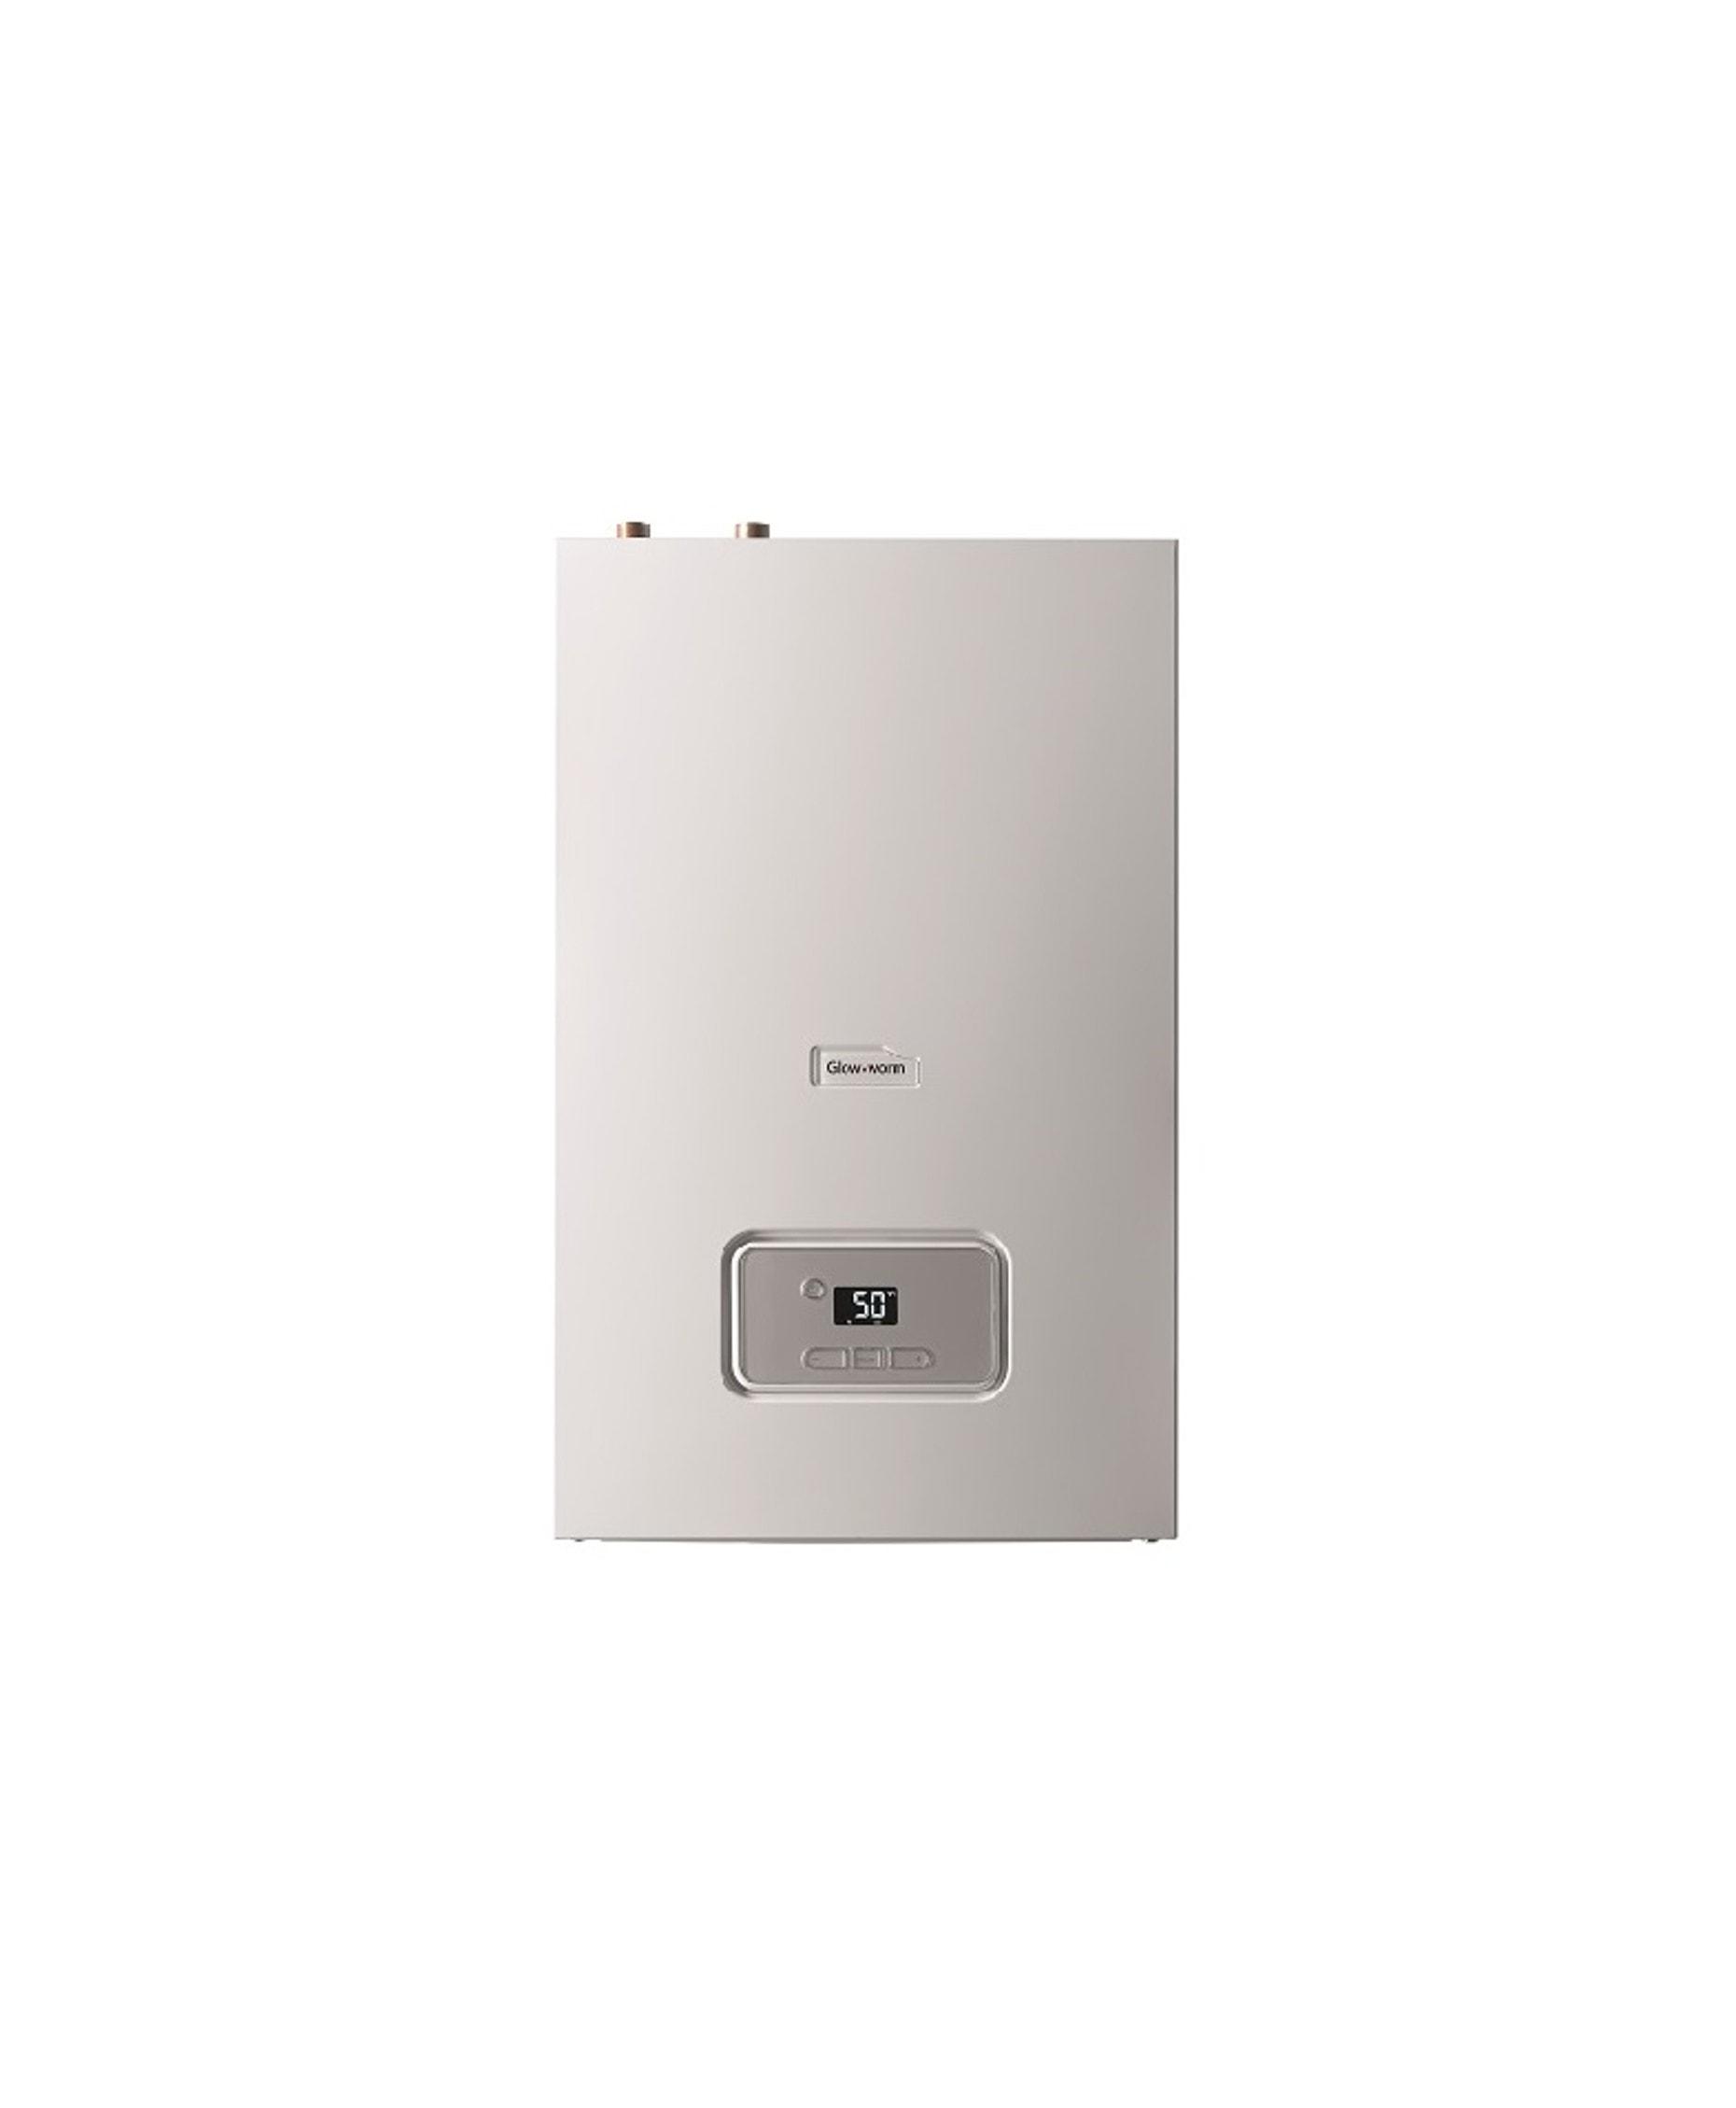 Heat Only Glowworm Ultimate3 Regular Boiler 25kw